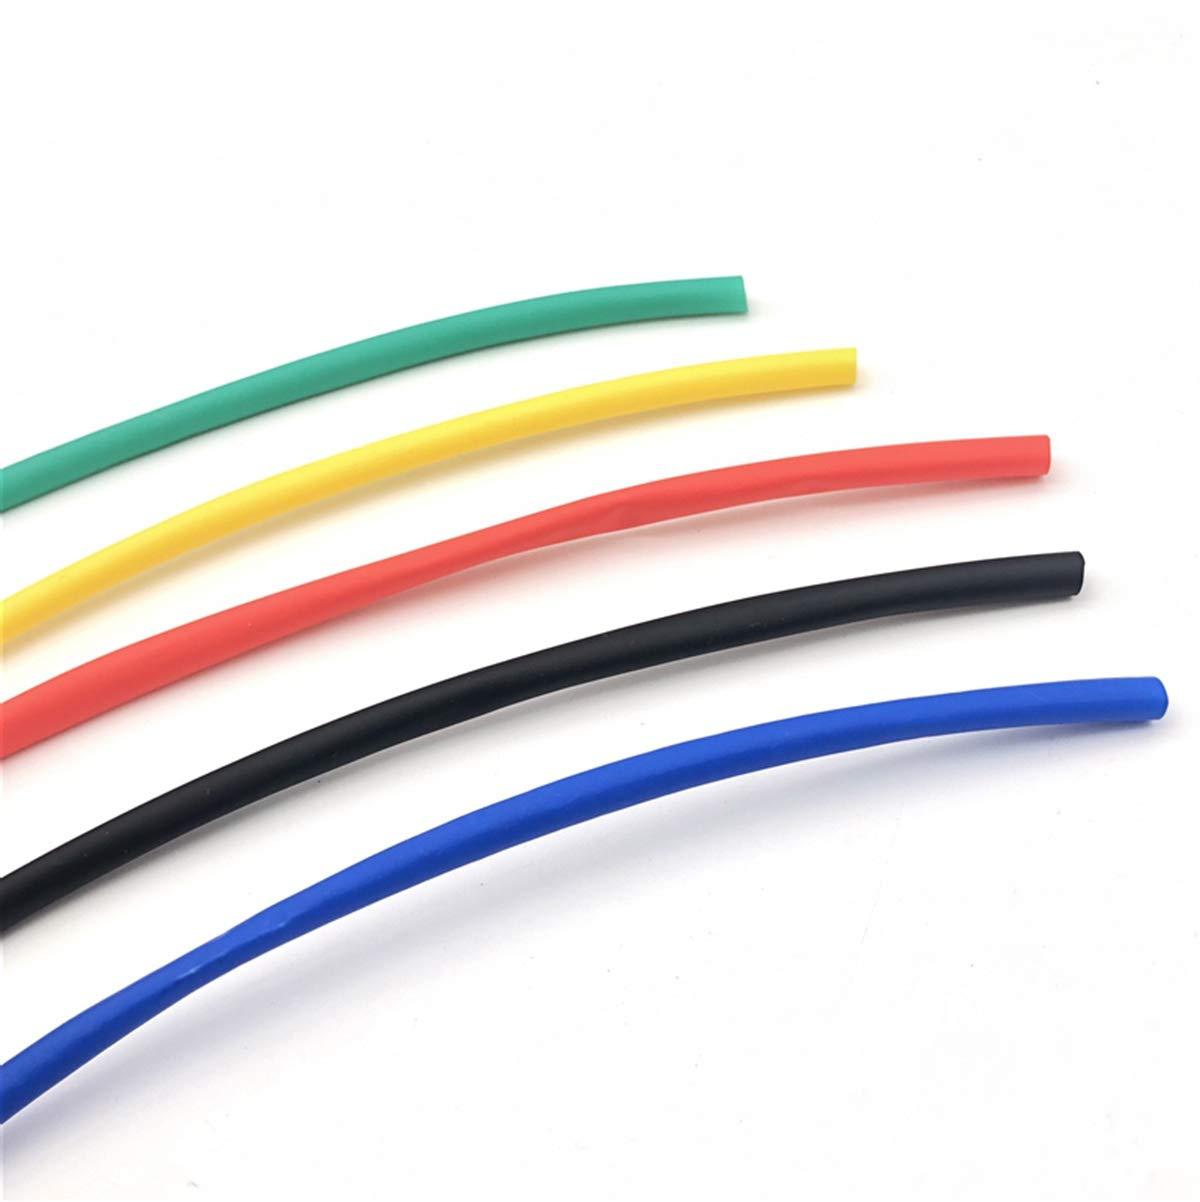 1 Meter Heat Shrinkable Shrink Heatshrink Tubing Tube Sleeving Wrap Wire Sell DIY Connector